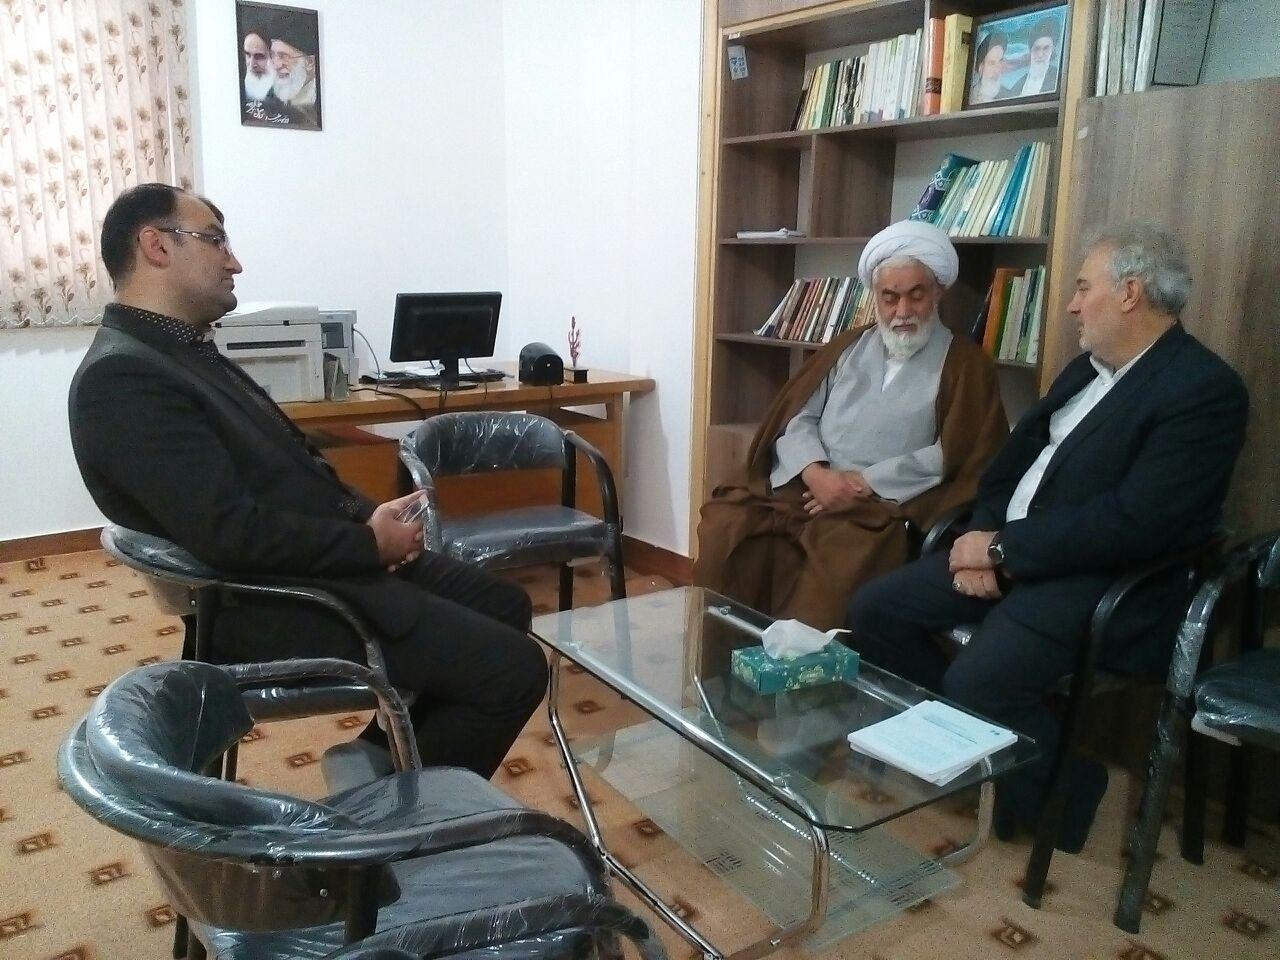 حضور مدیر کل فناوری و اطلاعات استان مازندران در کیاسر